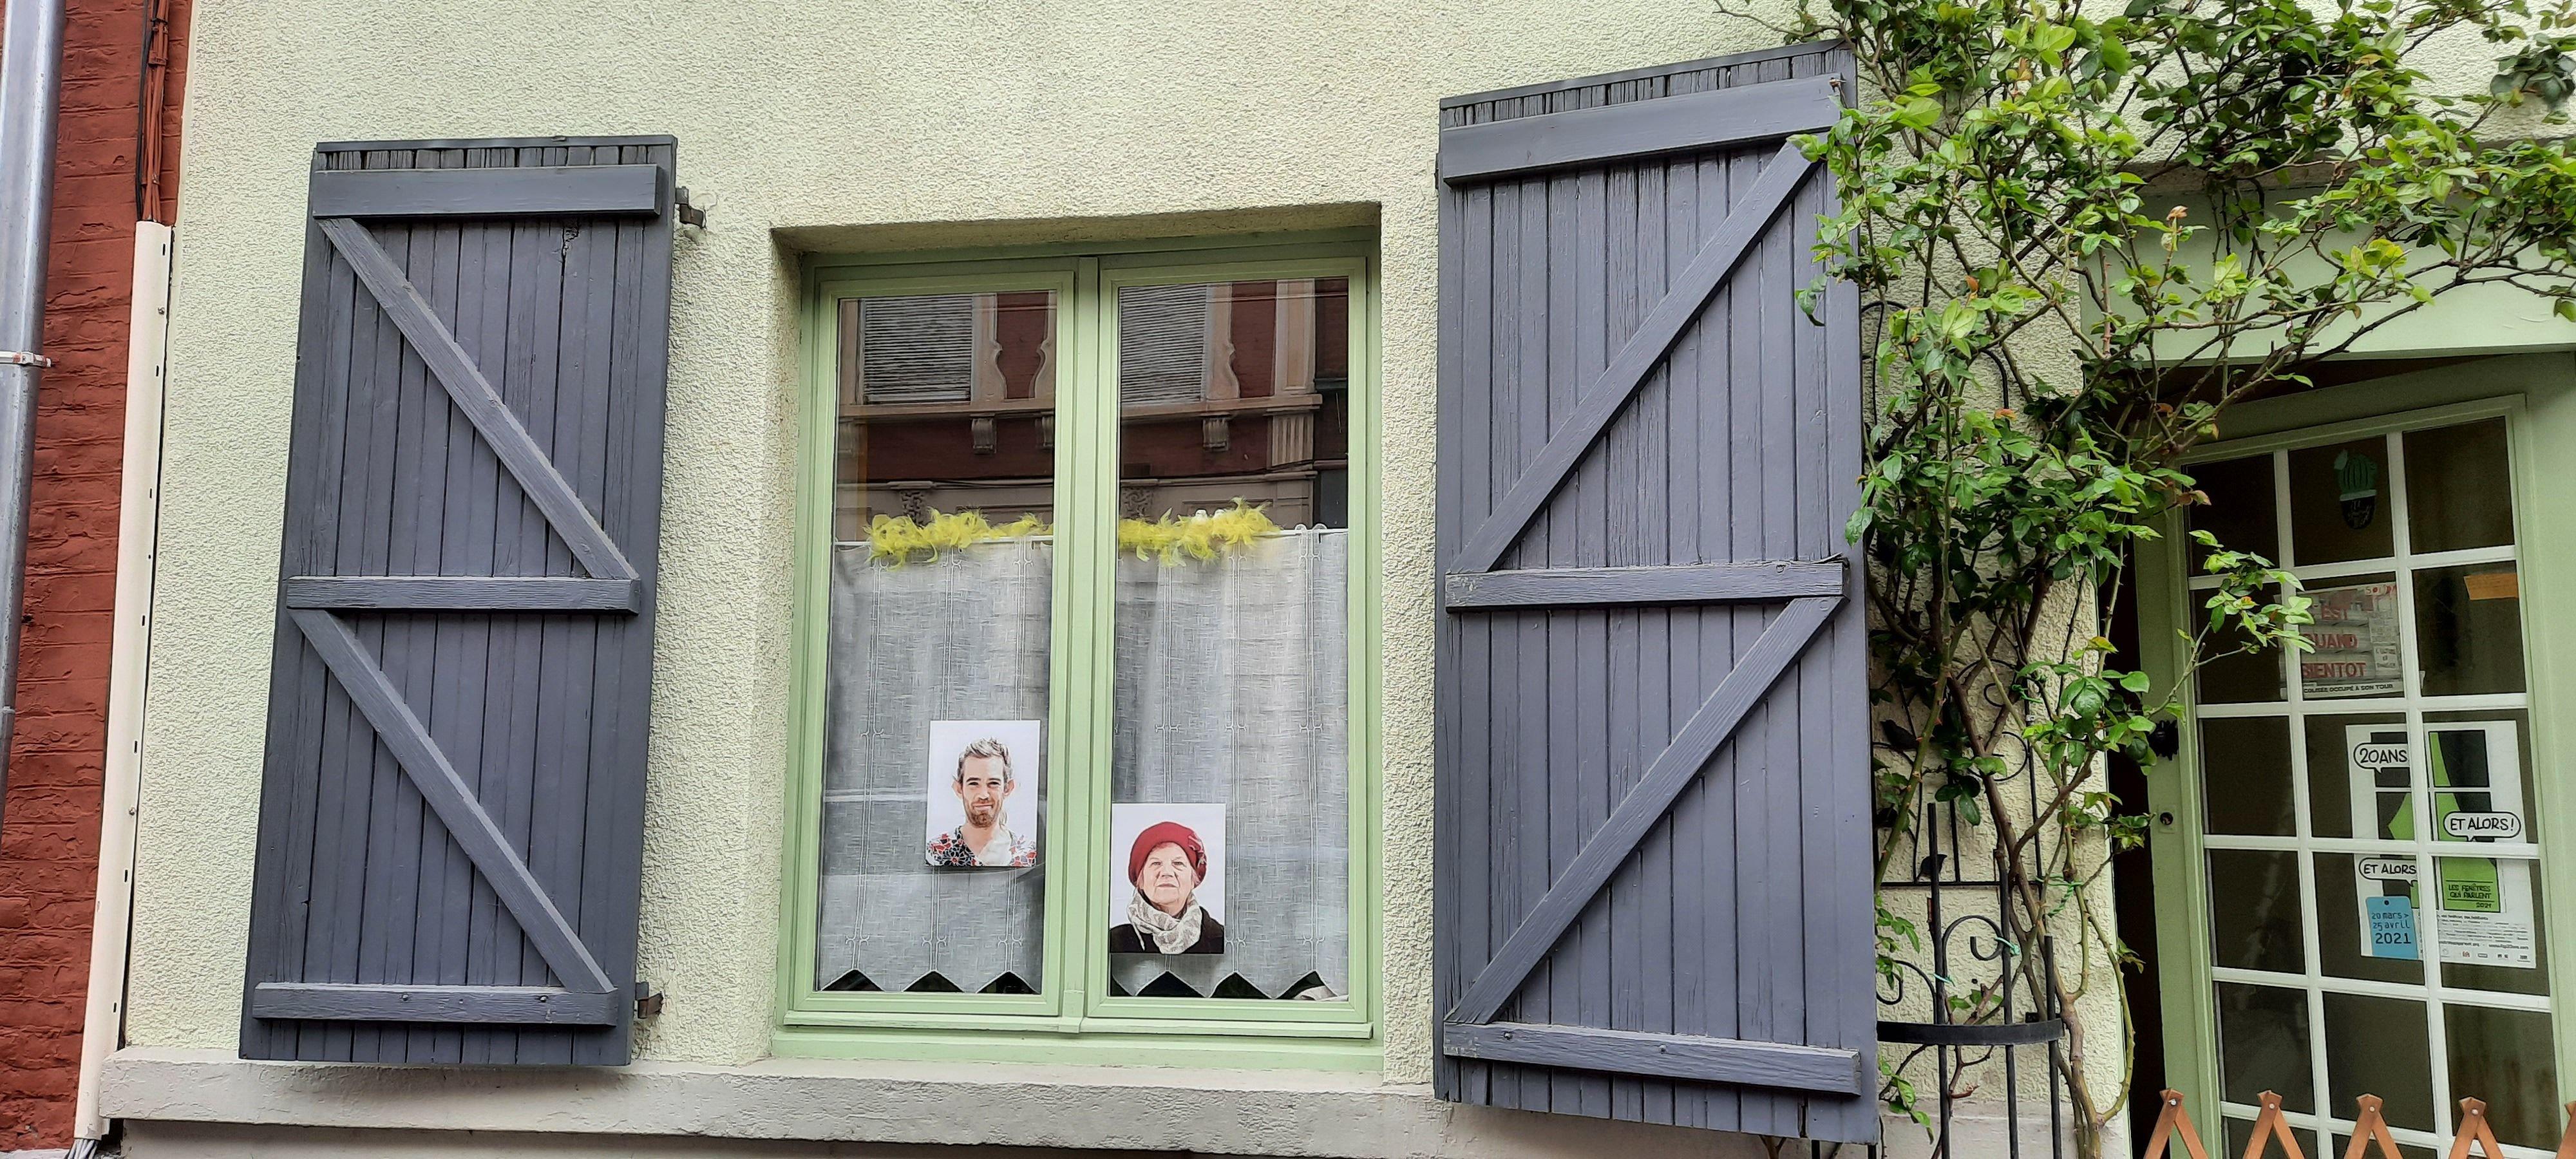 A Lille, le festival des «Fenêtres qui parlent» transforme les rues en galerie d'art